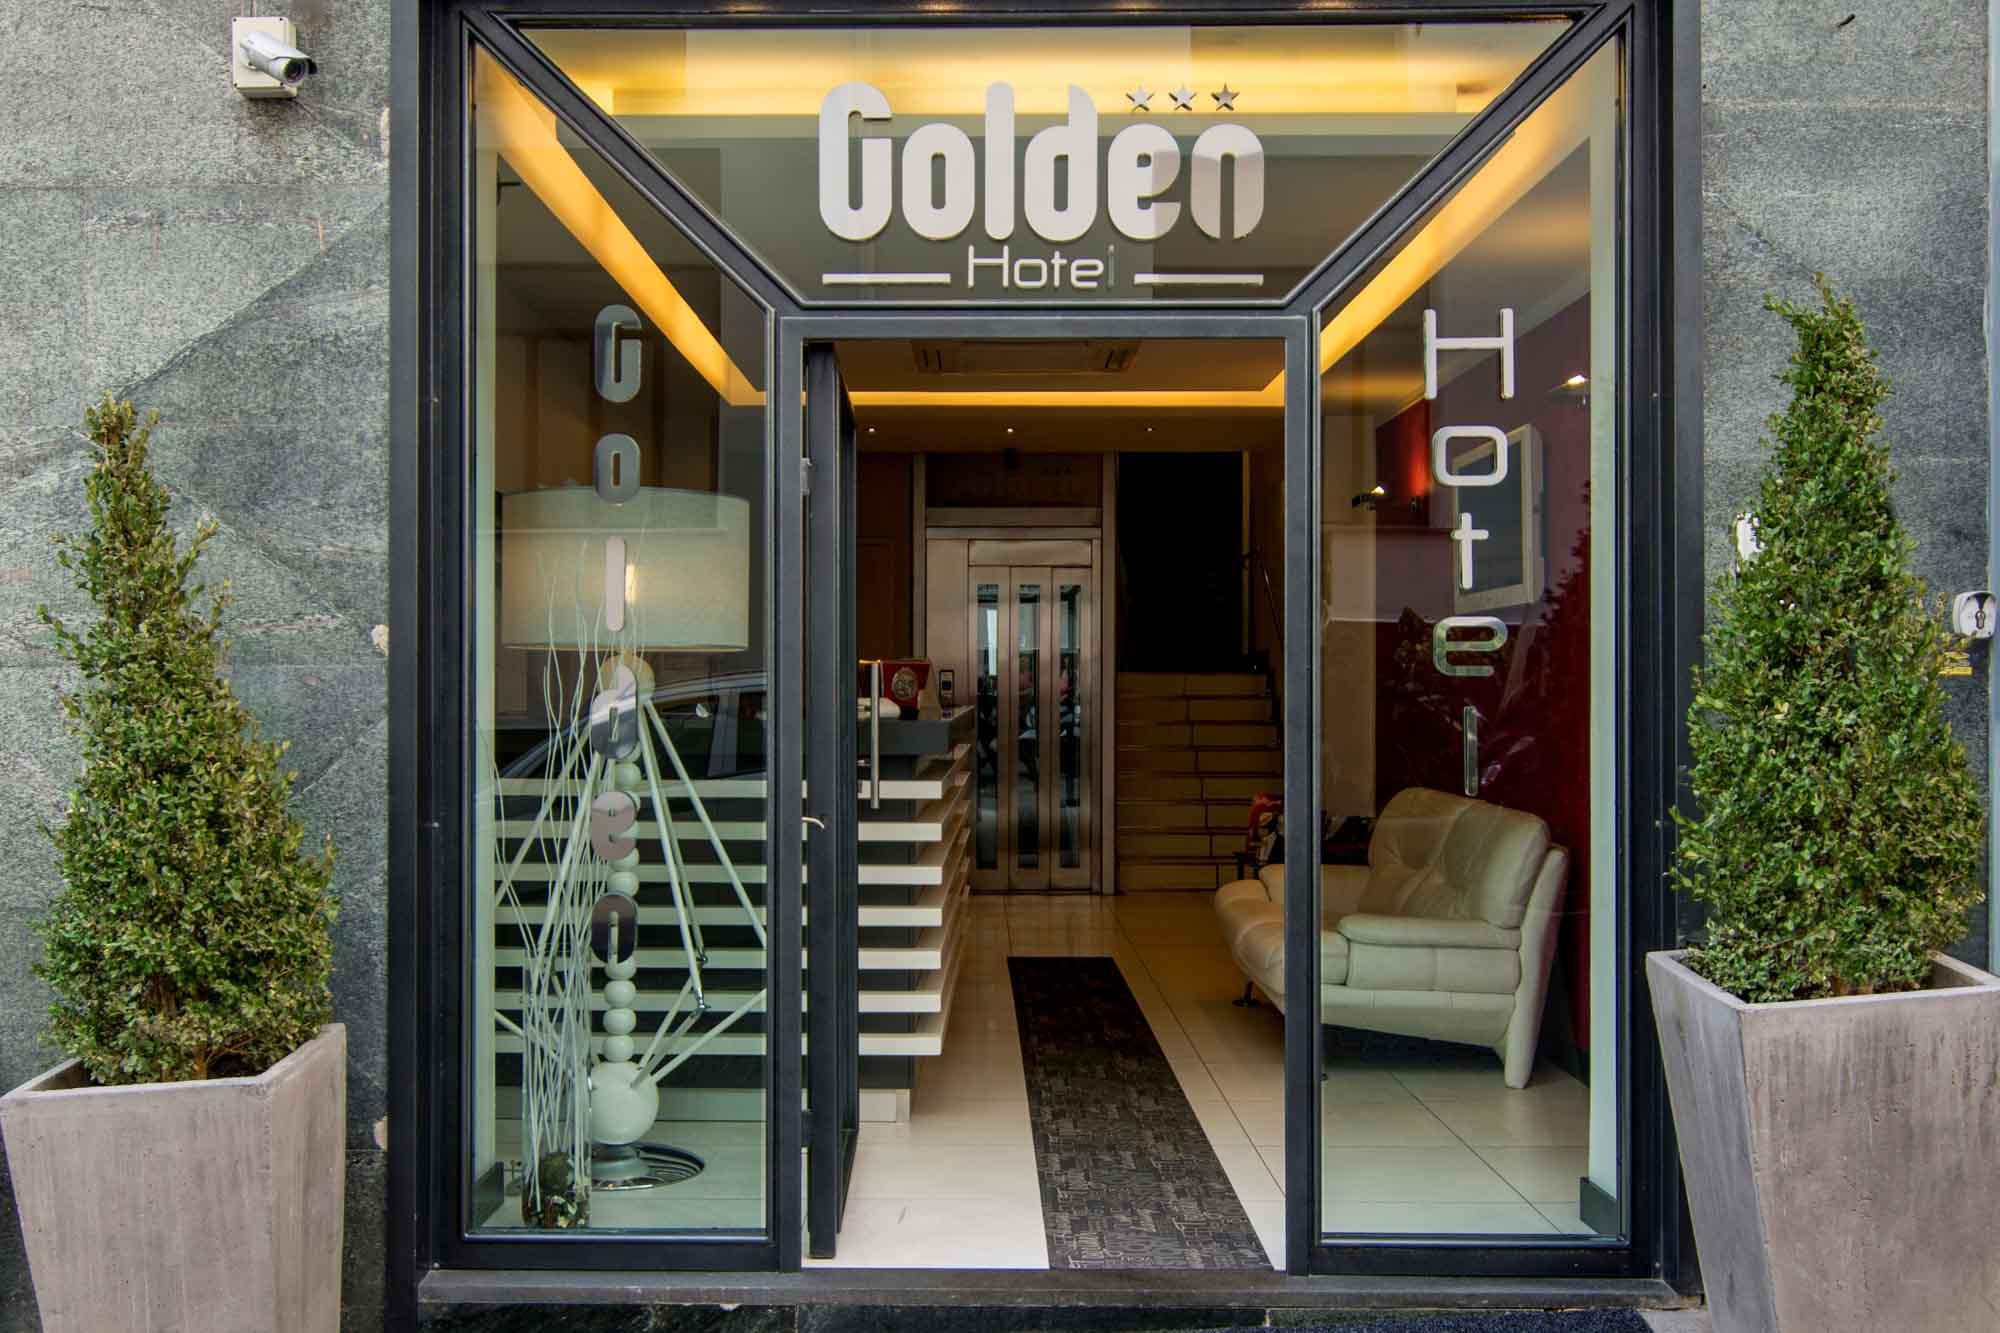 Golden Hotel  galeria